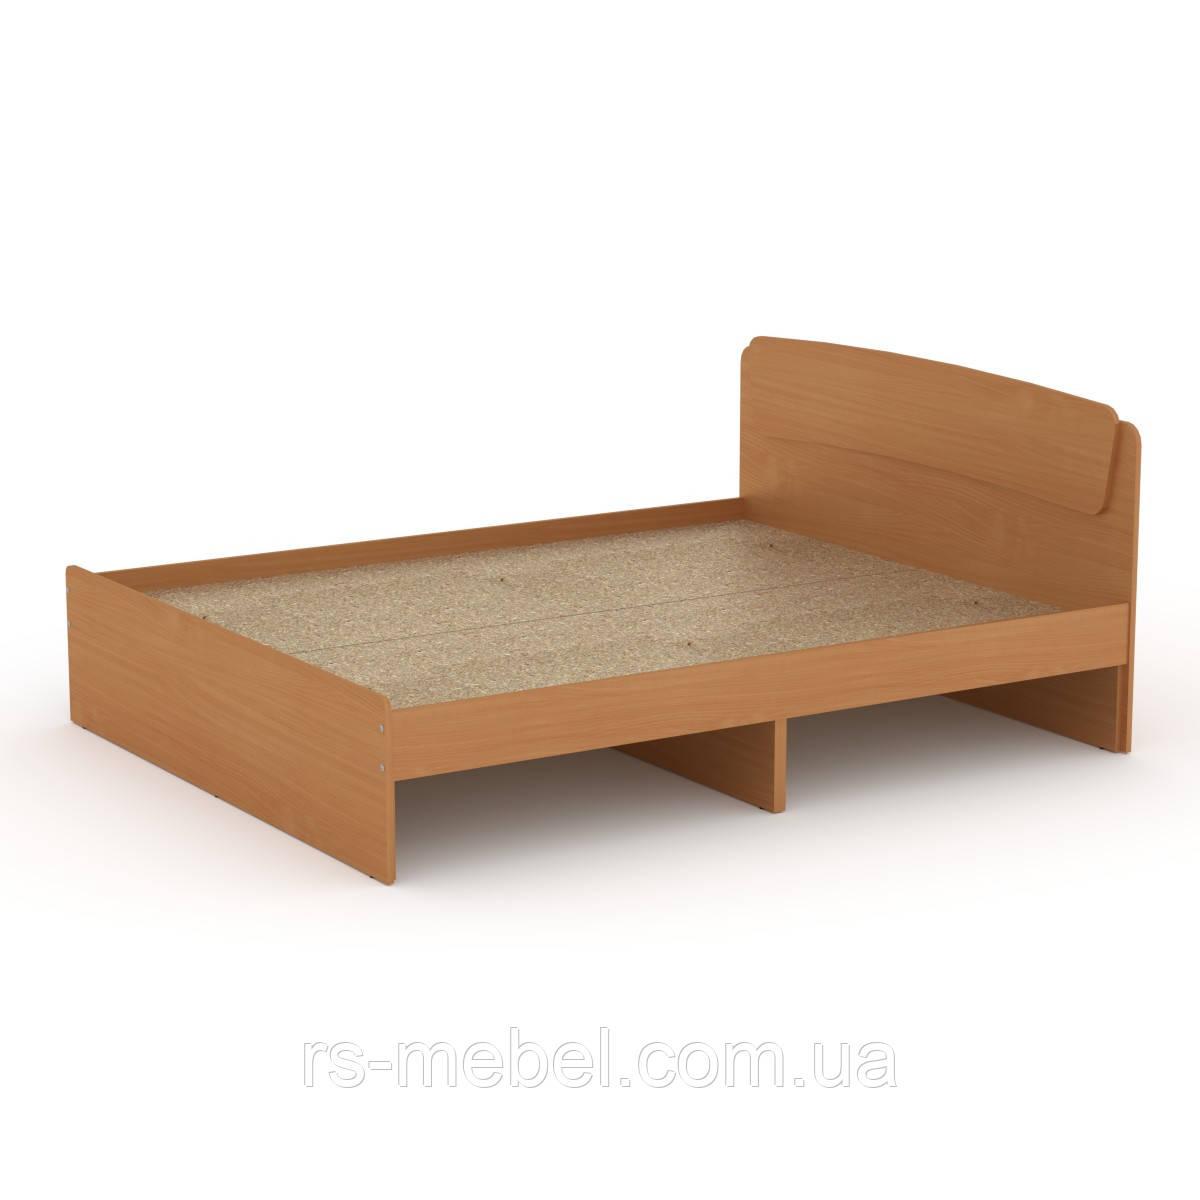 """Ліжко """"Класика-140"""", дсп (Компаніт)"""